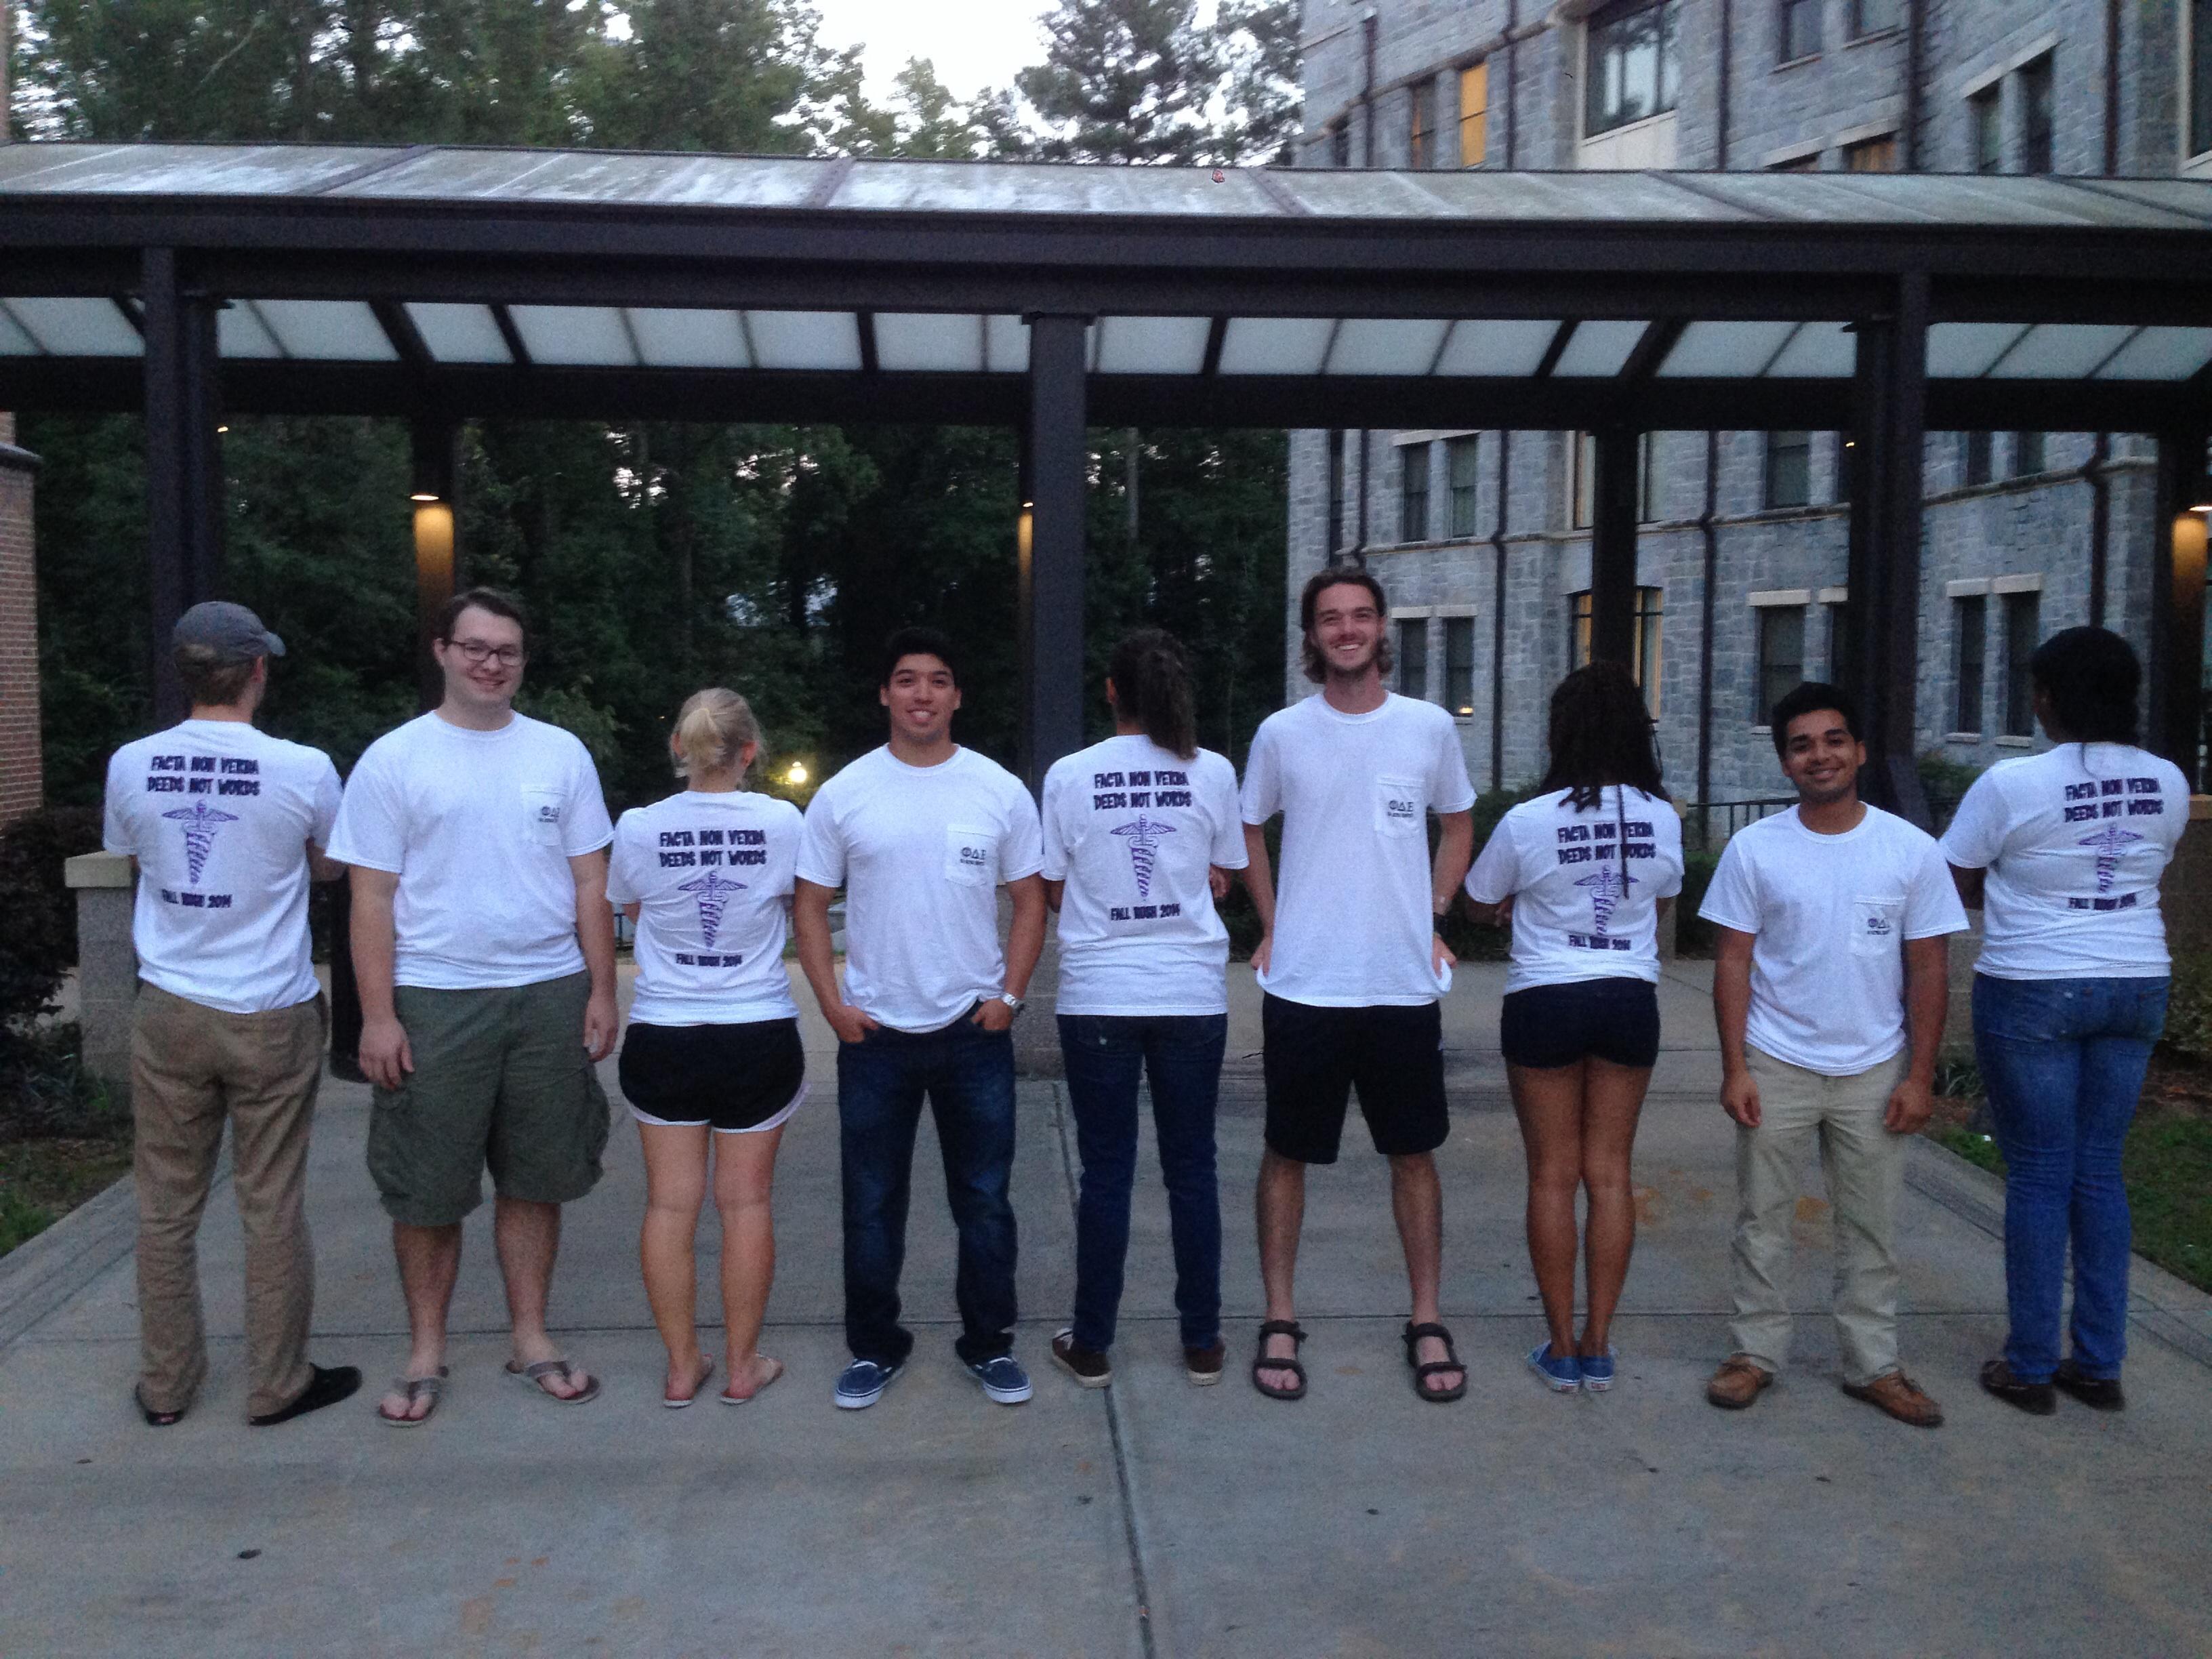 Custom T Shirts For Phi Delta Epsilon Fall Rush 2014 Shirt Design